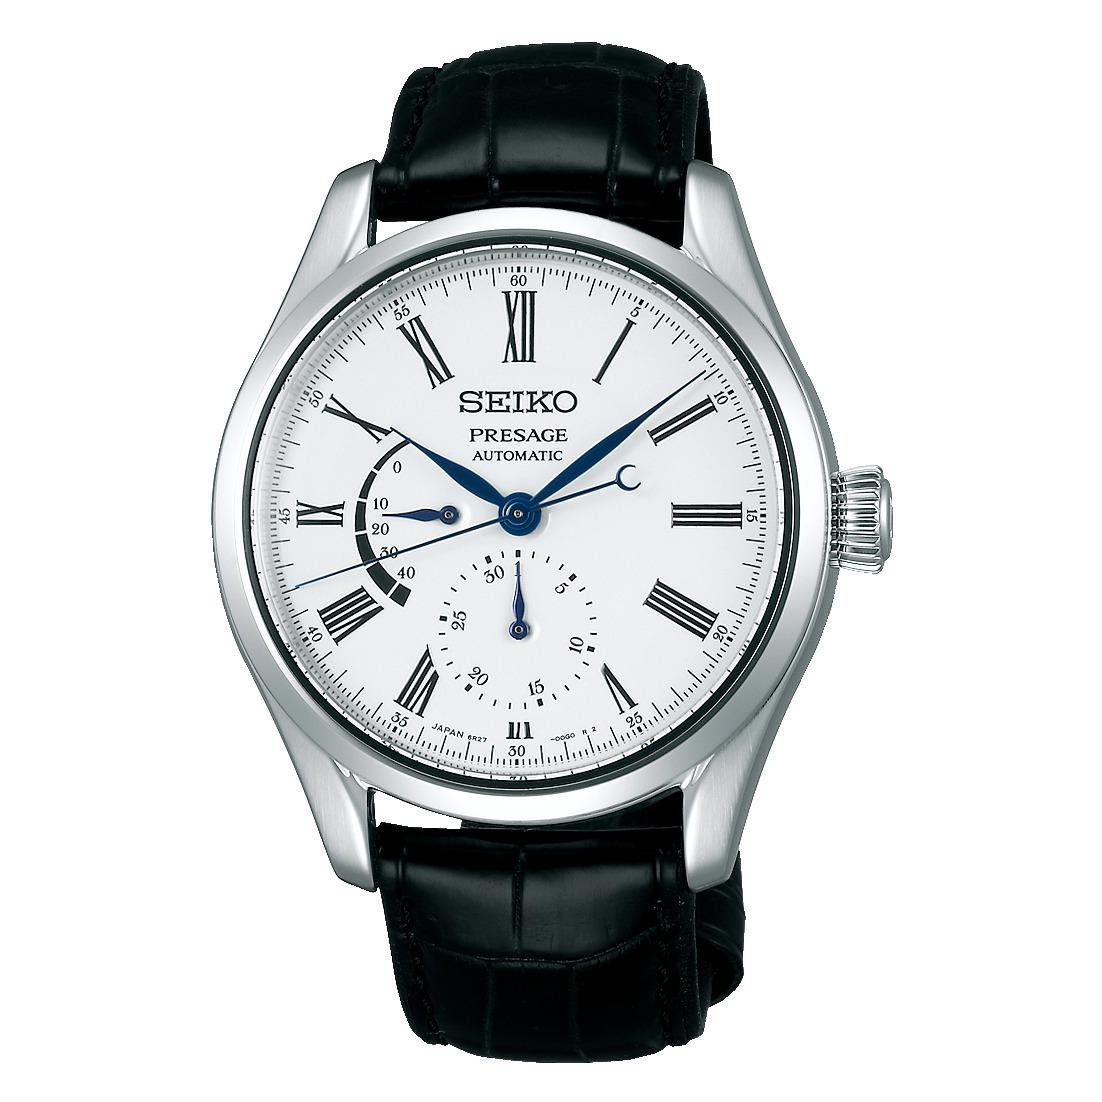 プレザージュ PRESAGE セイコー SEIKO SARW035 プレステージモデル ほうろうダイヤル 正規品 腕時計